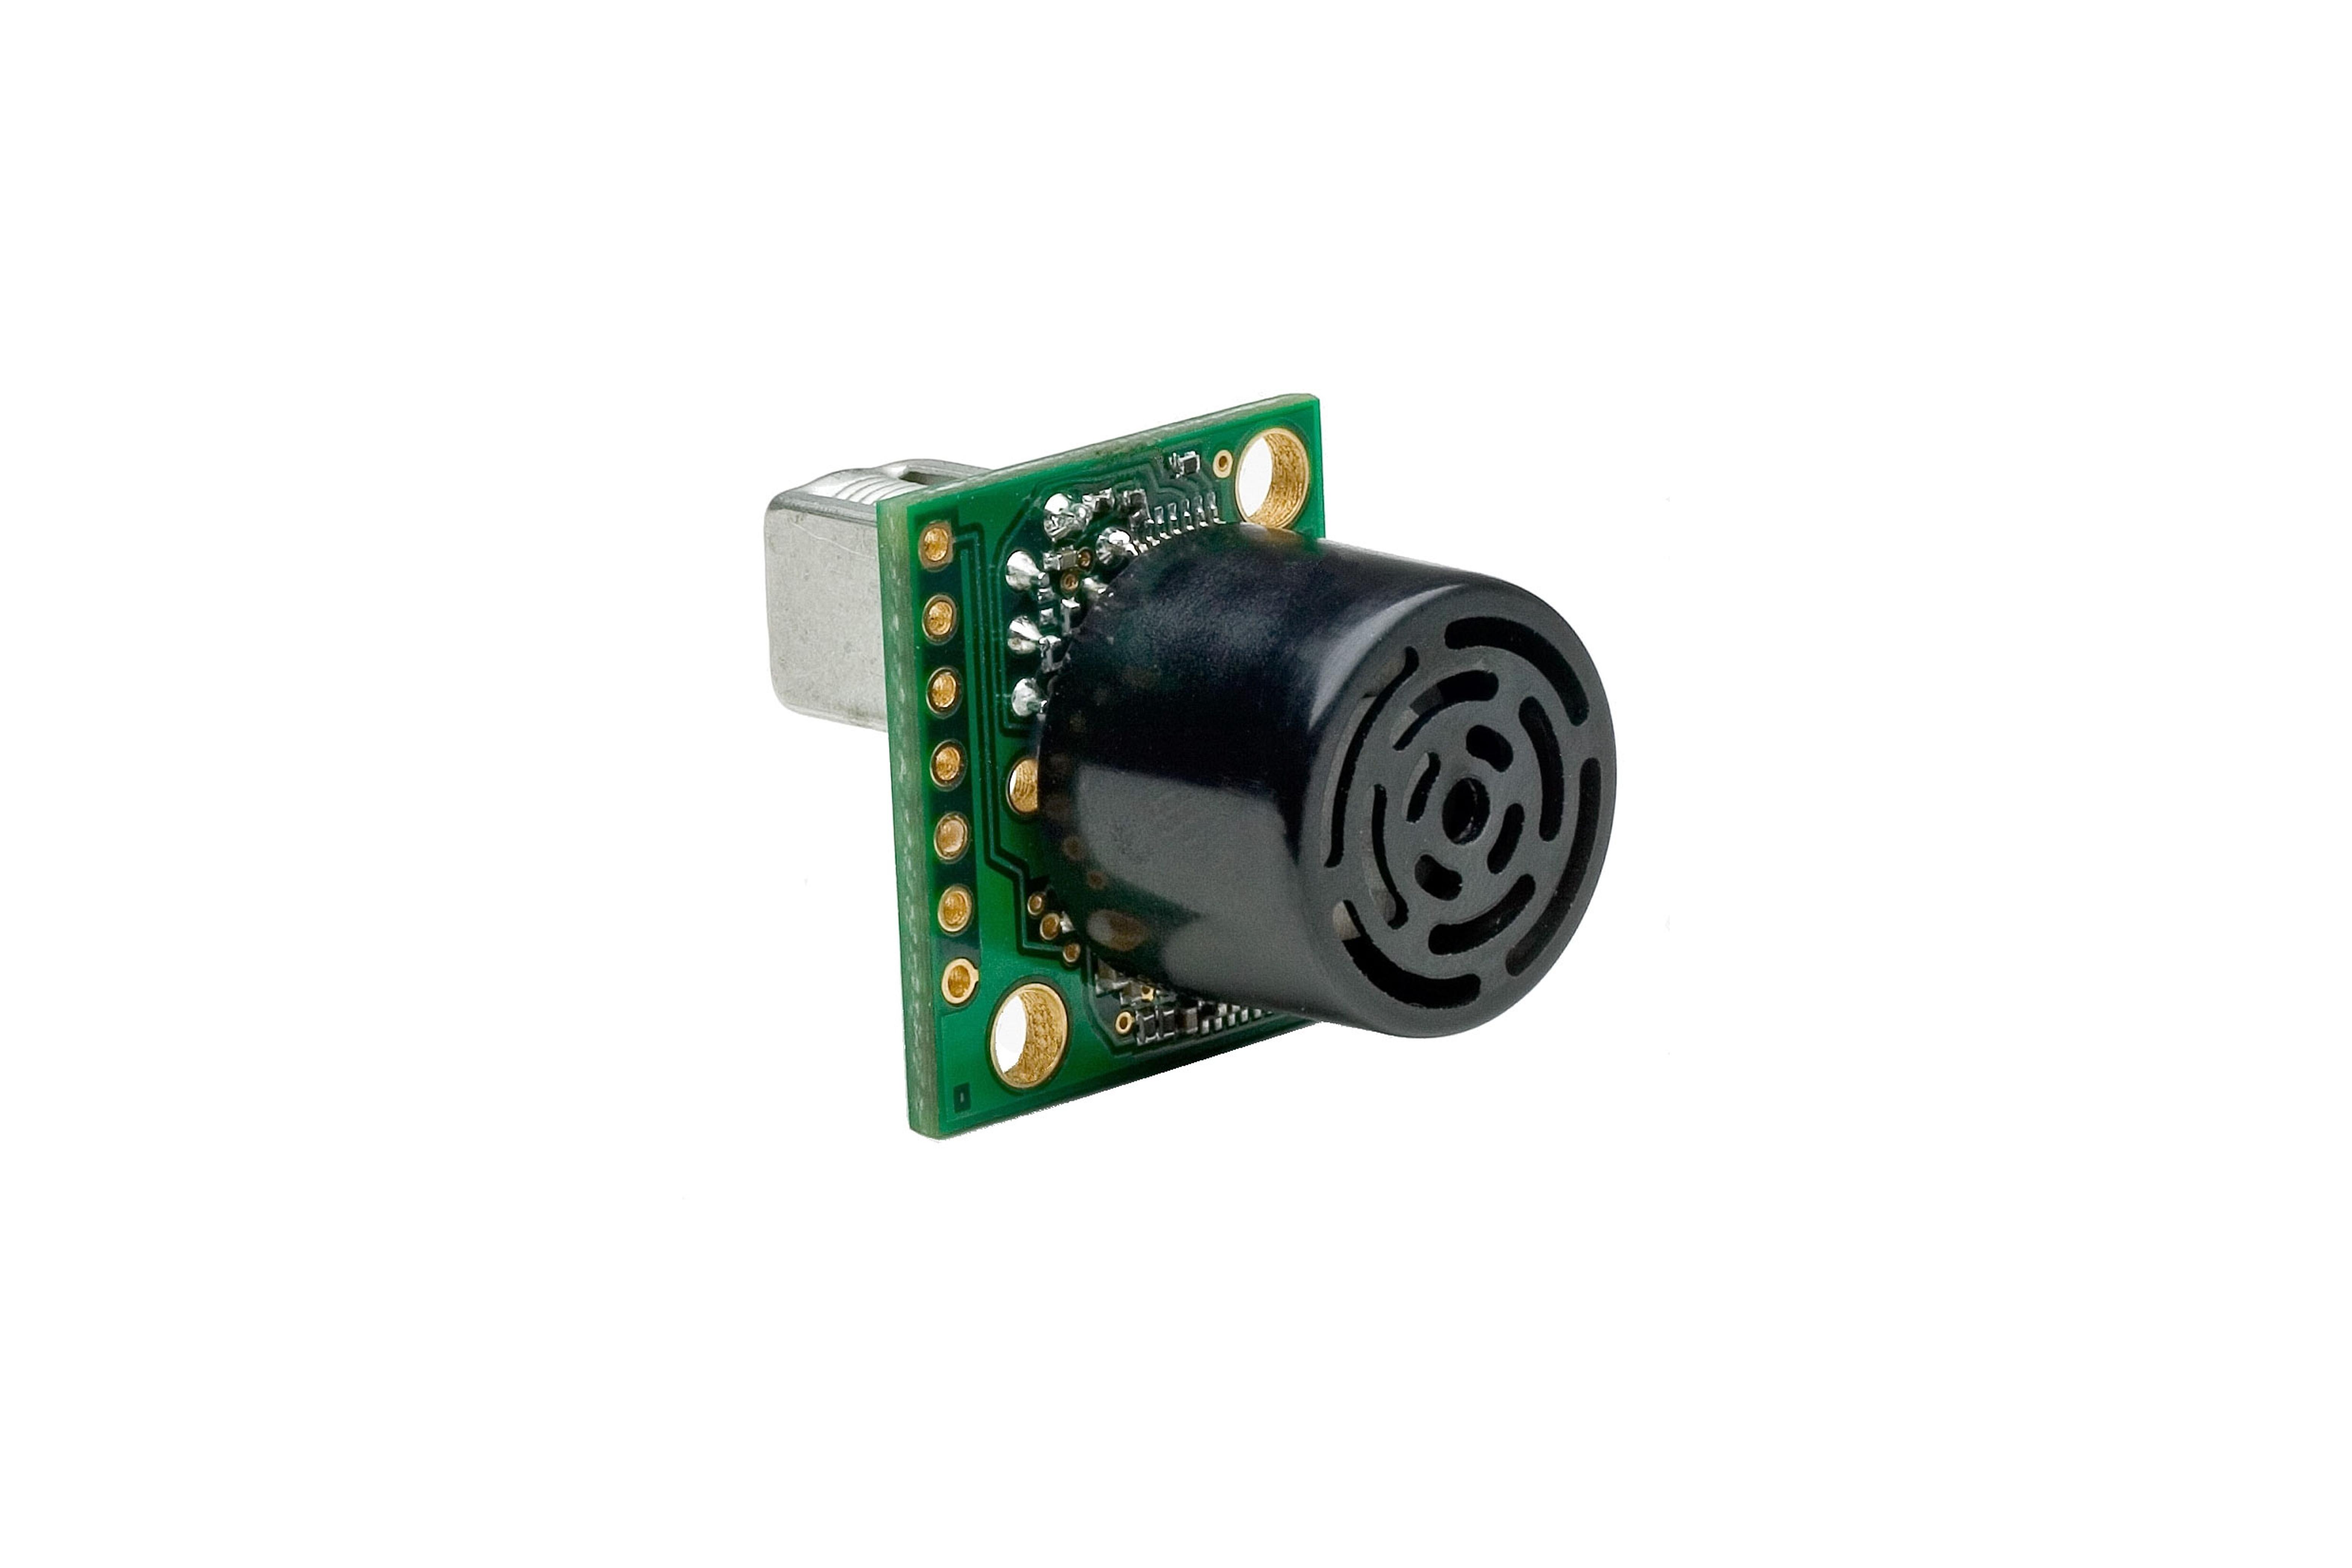 MaxBotix 超音波レンジファインダ LV-EZ0